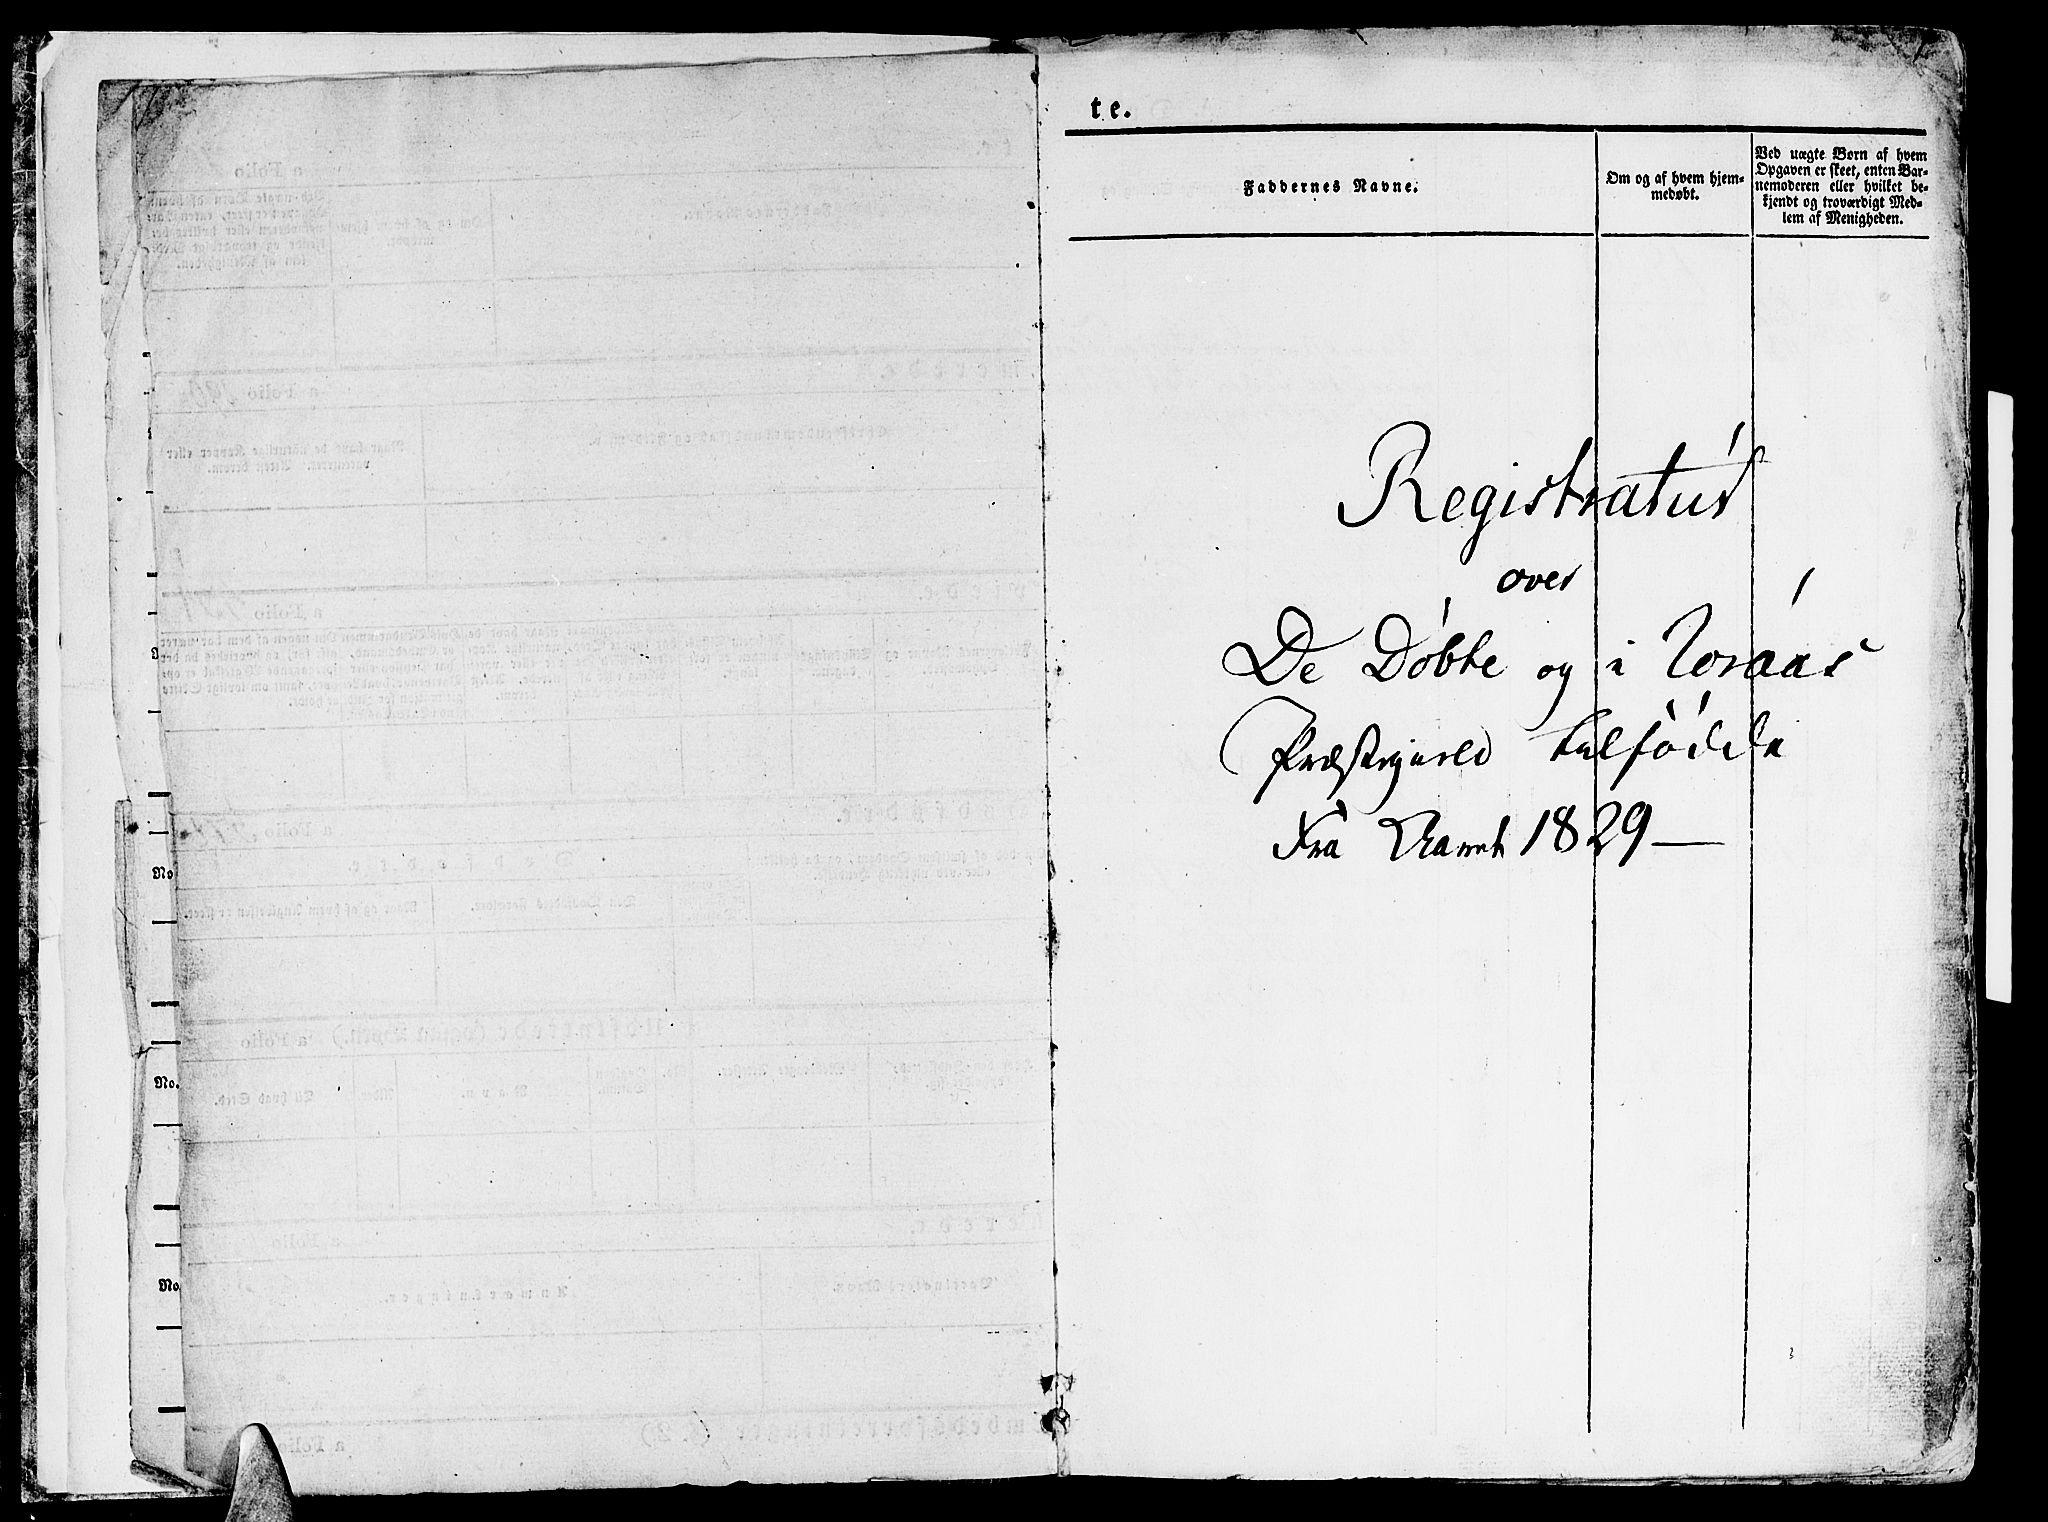 SAT, Ministerialprotokoller, klokkerbøker og fødselsregistre - Sør-Trøndelag, 681/L0930: Ministerialbok nr. 681A08, 1829-1844, s. 1